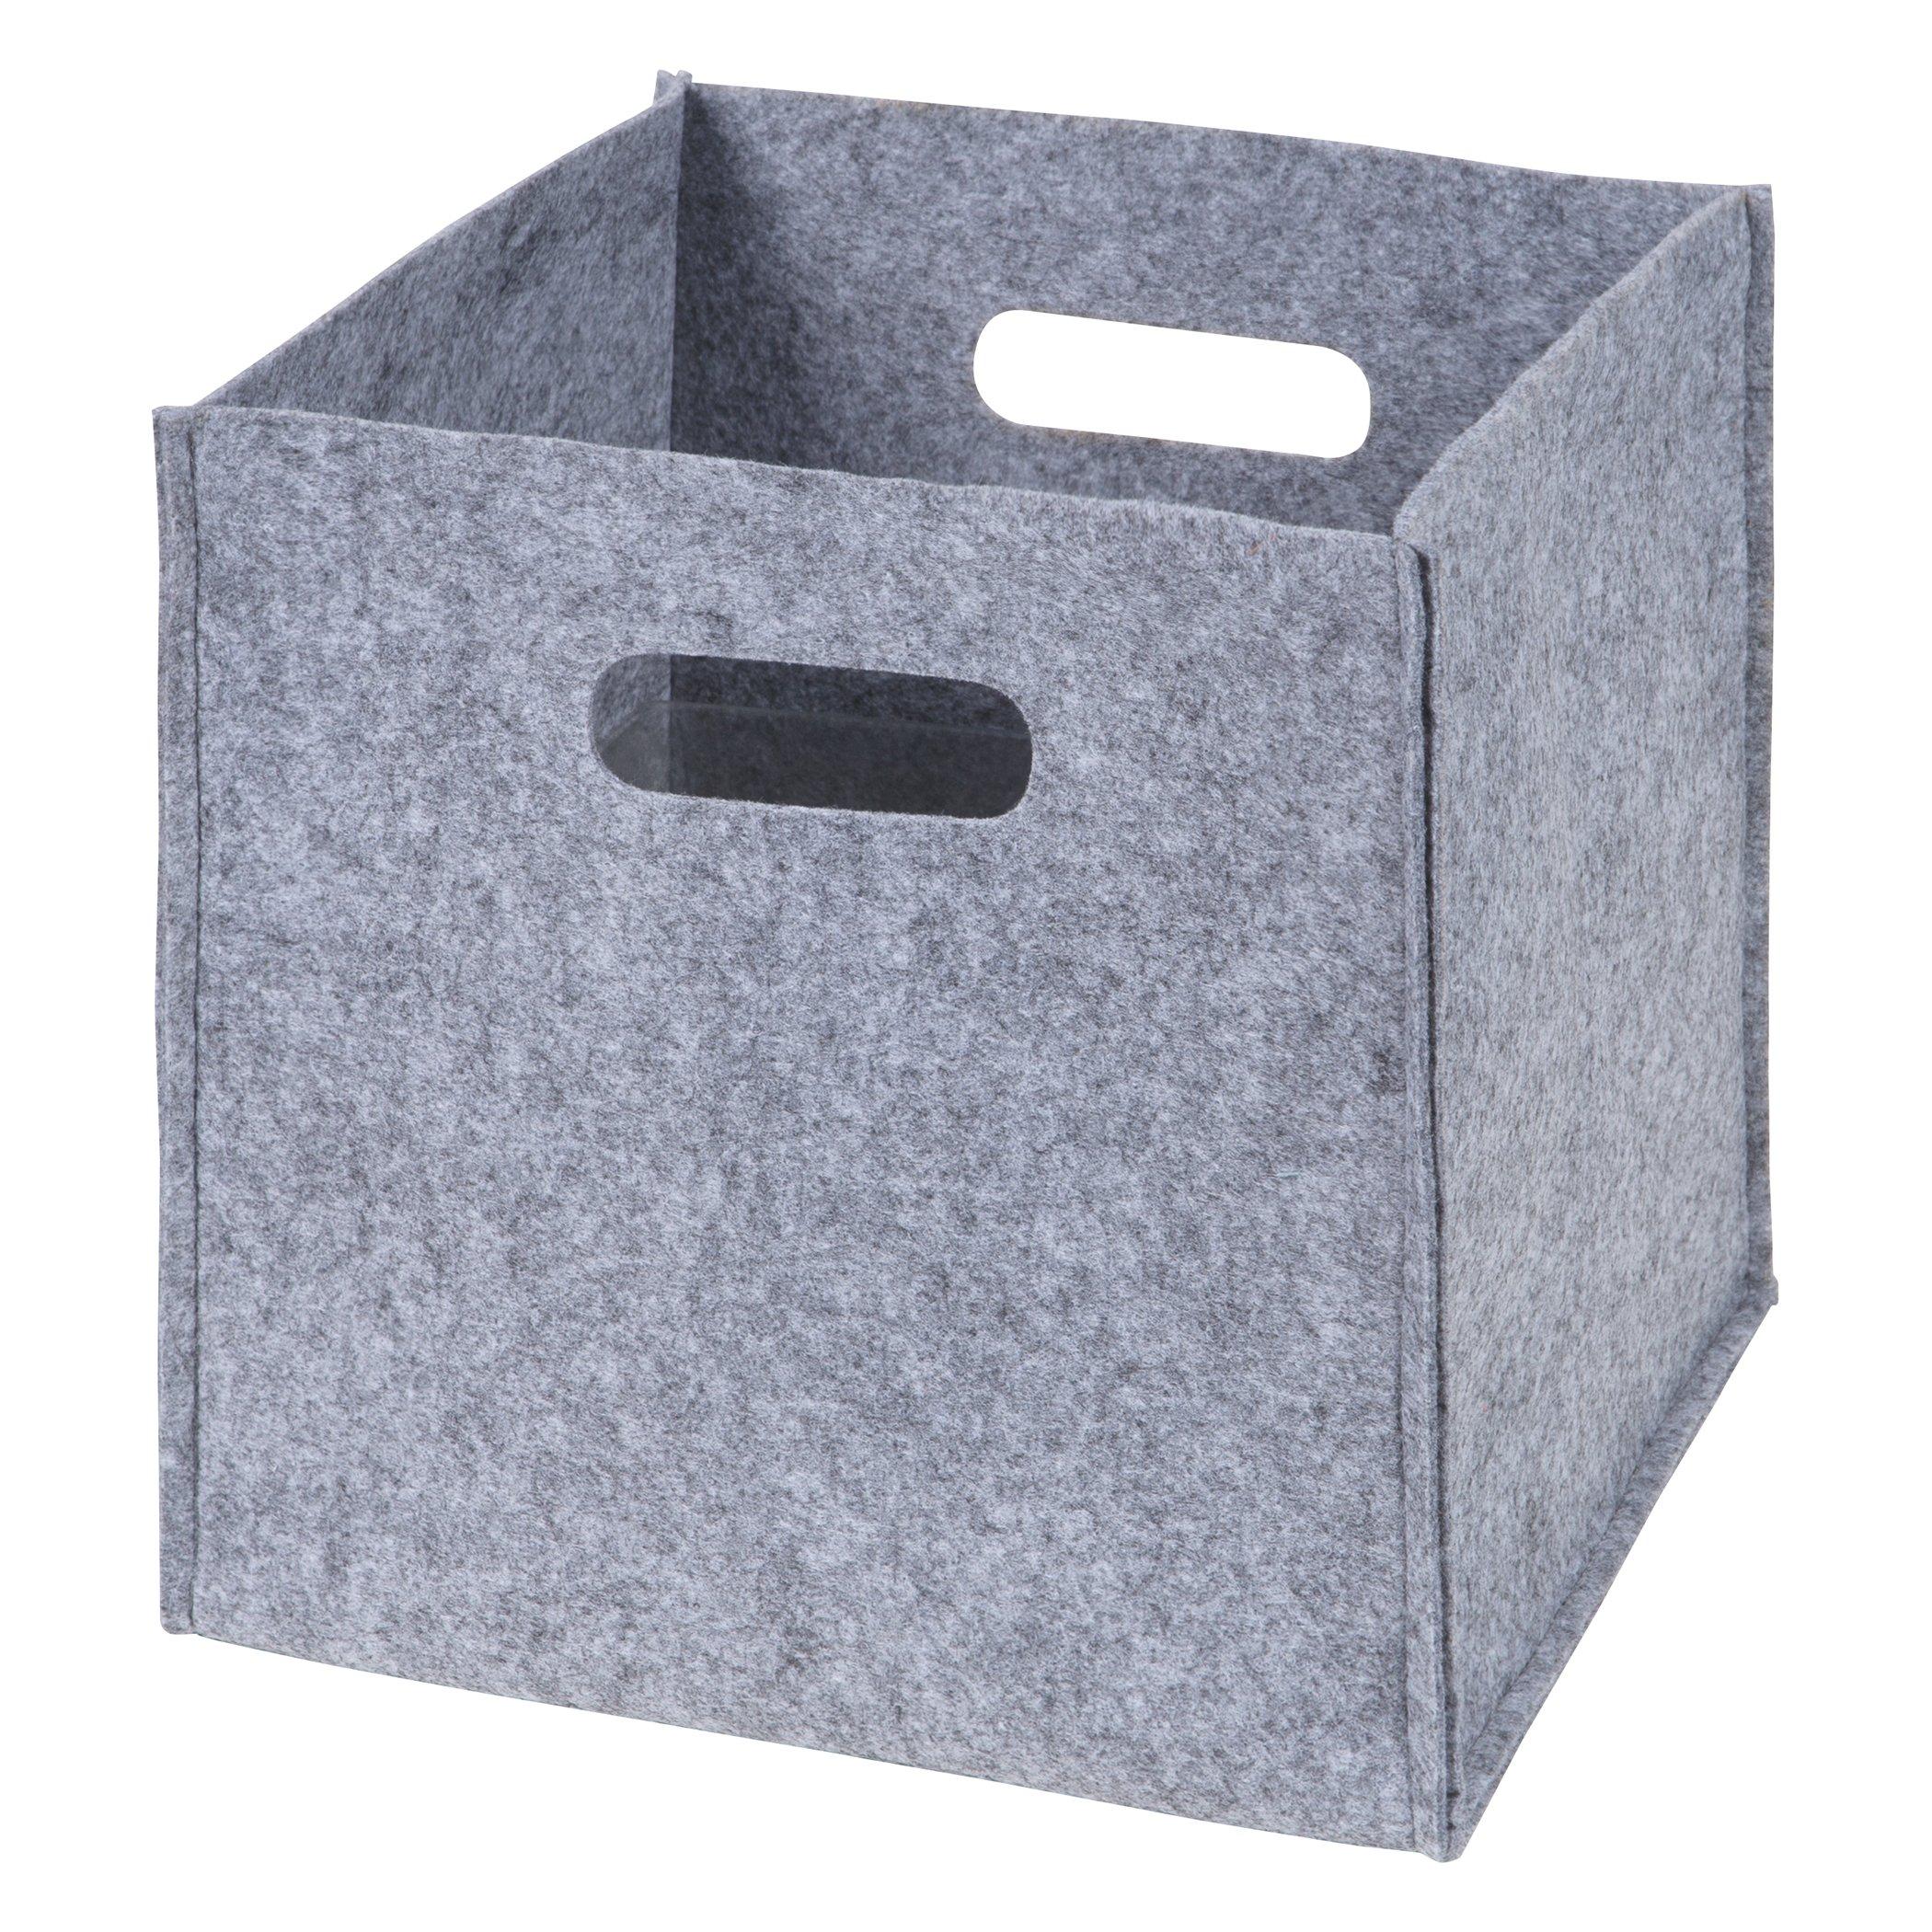 Sammy & Lou Felt Storage Cube, Gray